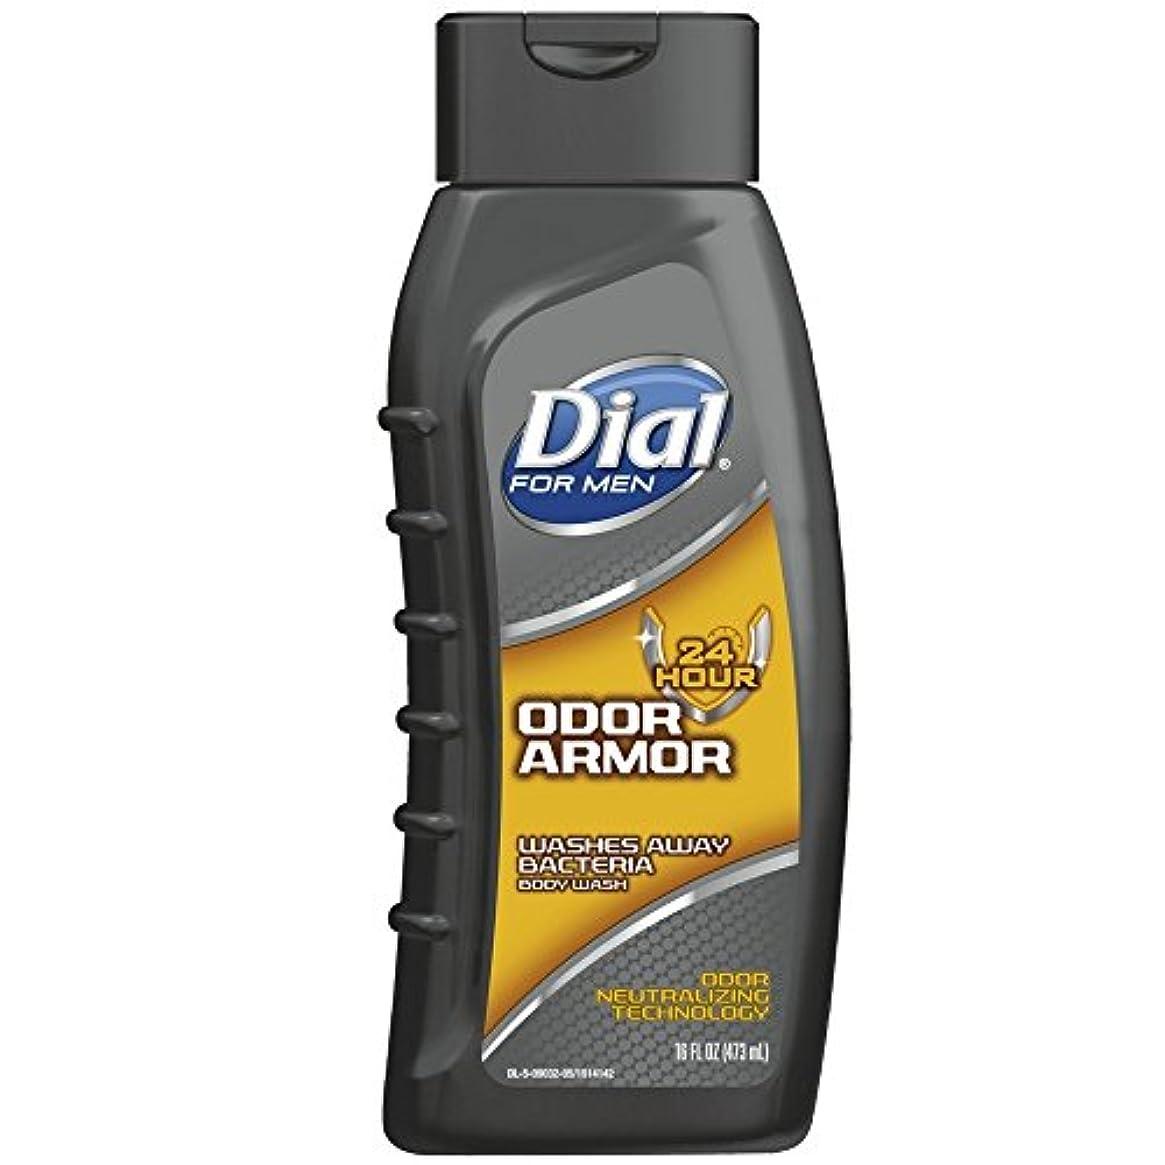 置換物語触手Dial 男性抗菌ボディウォッシュ、臭いアーマー16オンスのために